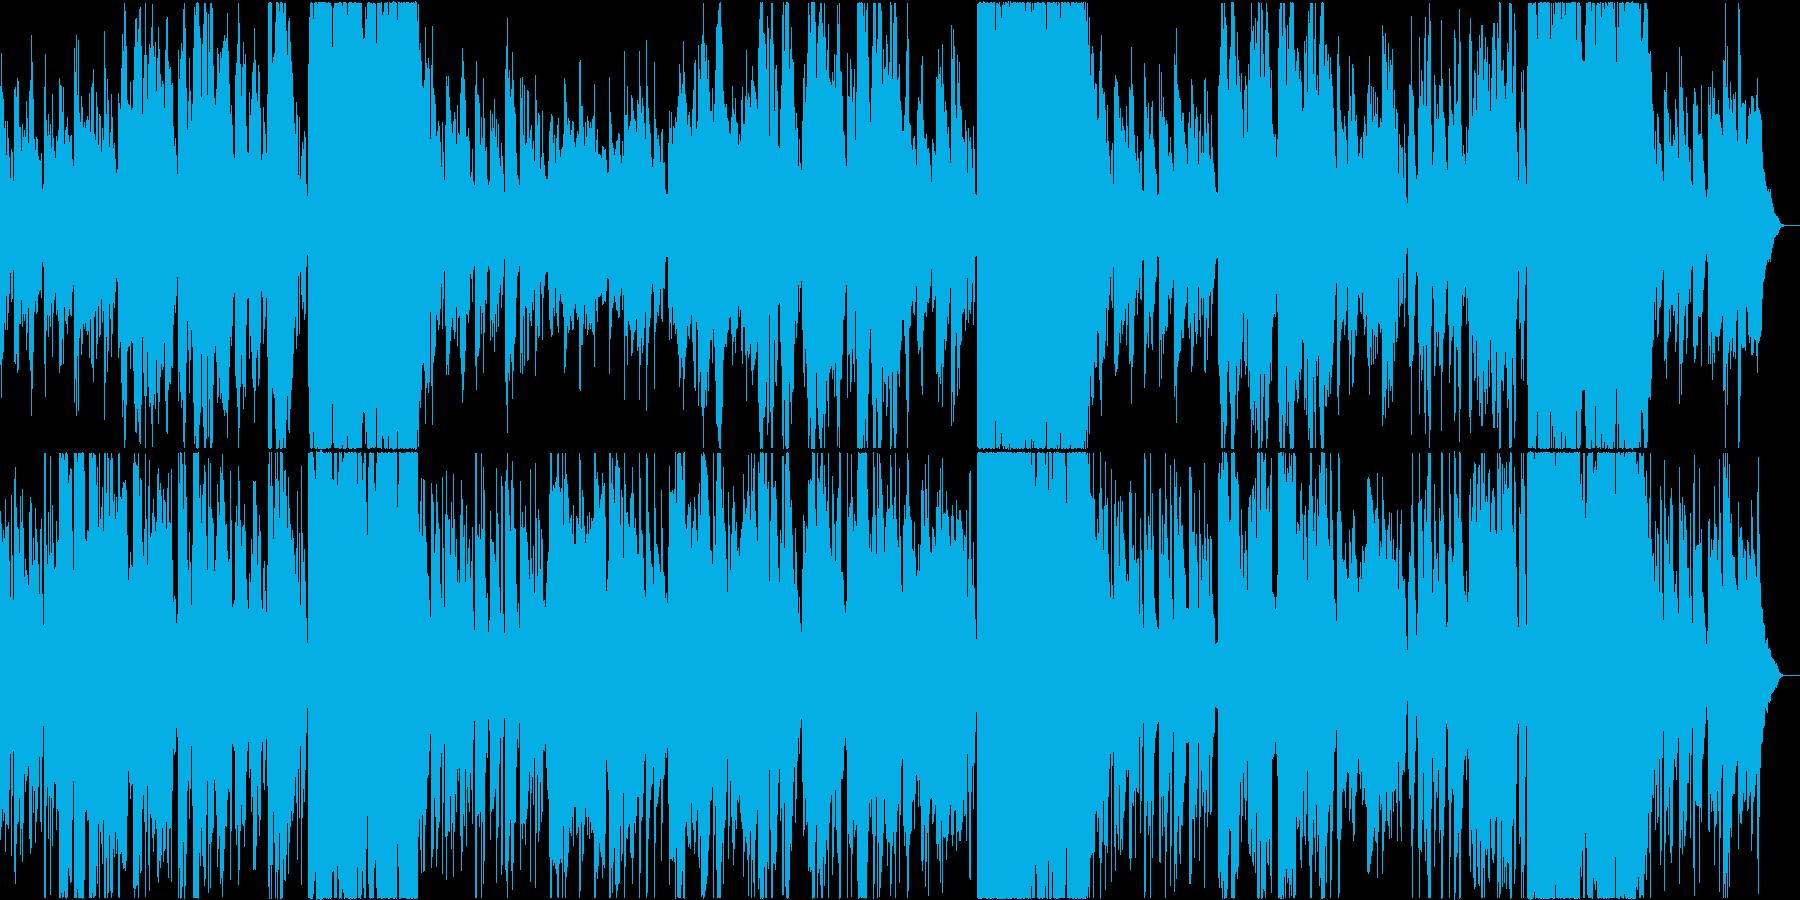 二胡が奏でるオリエンタルで癒やしの音楽の再生済みの波形